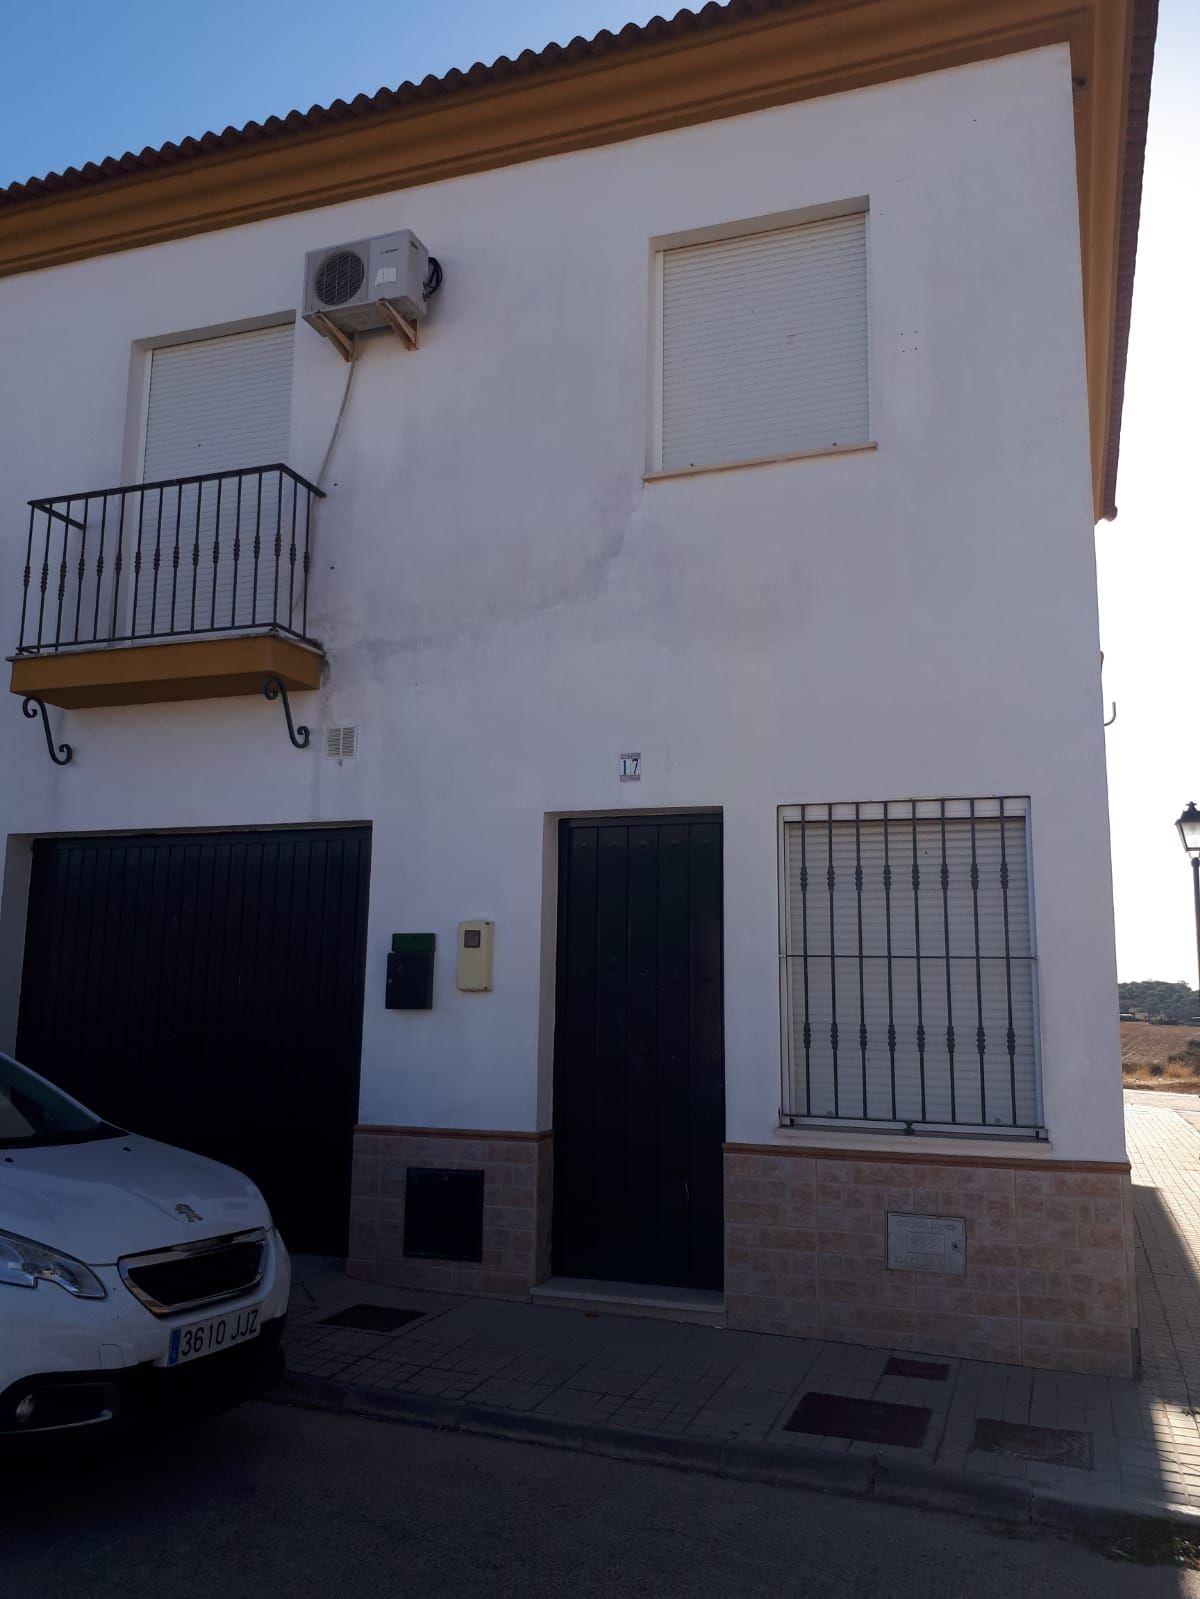 Lejlighed i Villablanca, salg